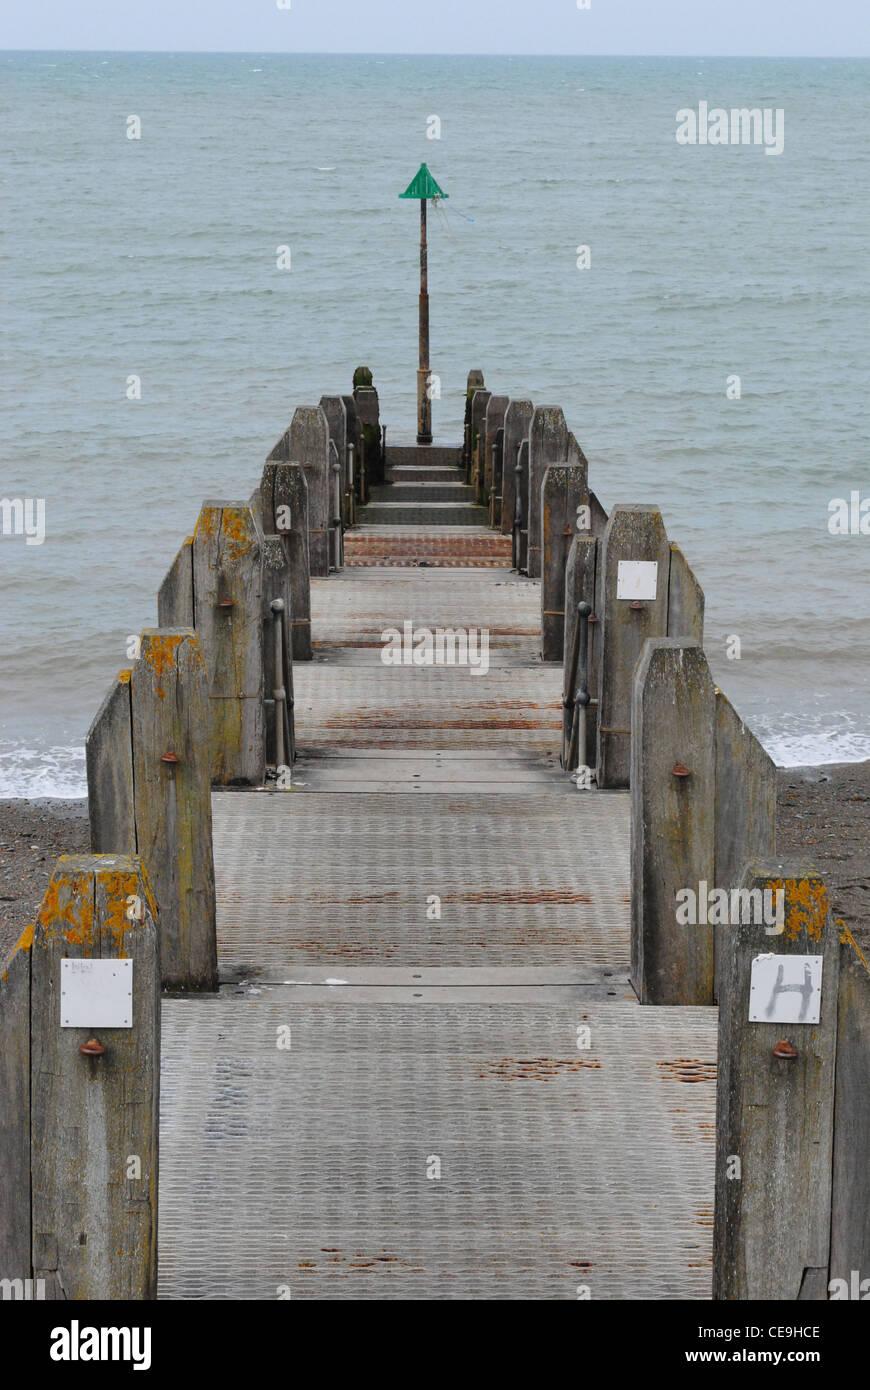 Jetty in Aberystwyth, Cardigan Bay, Wales, UK - Stock Image